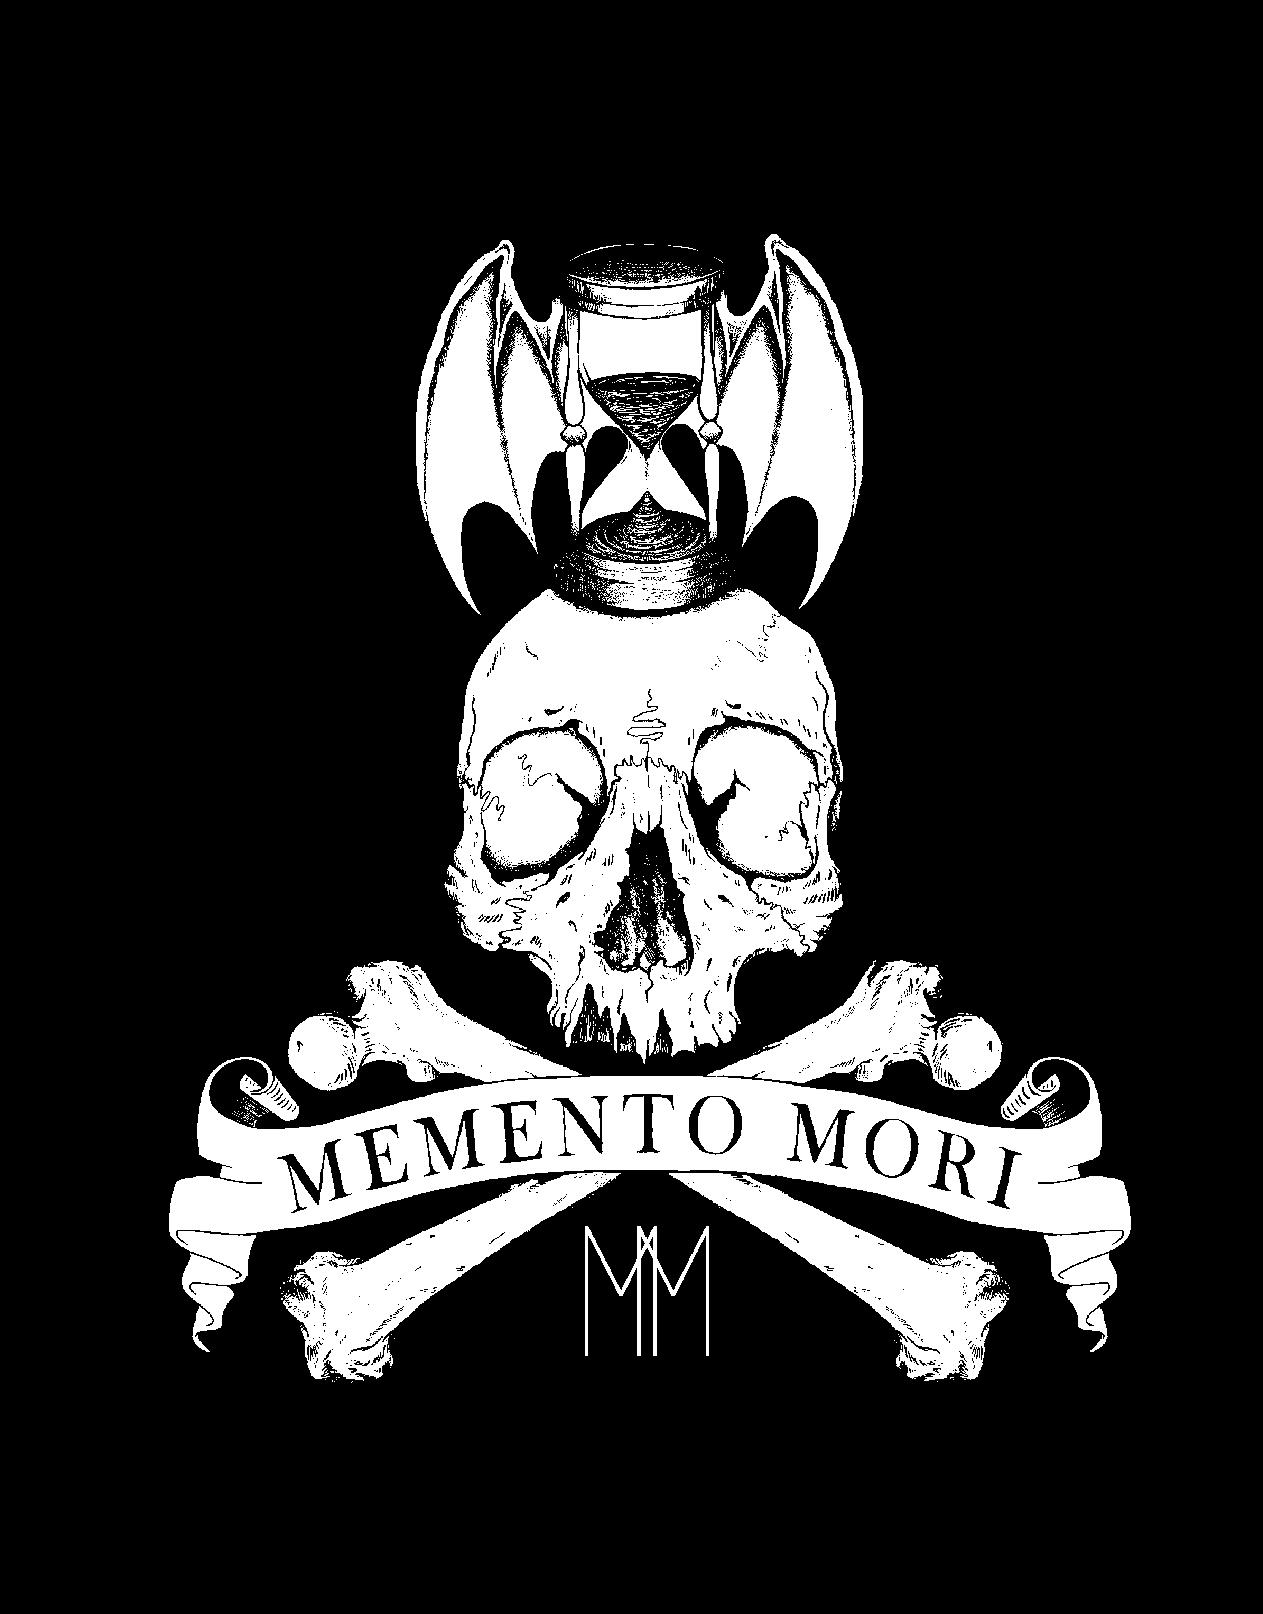 memento mori postcard.png